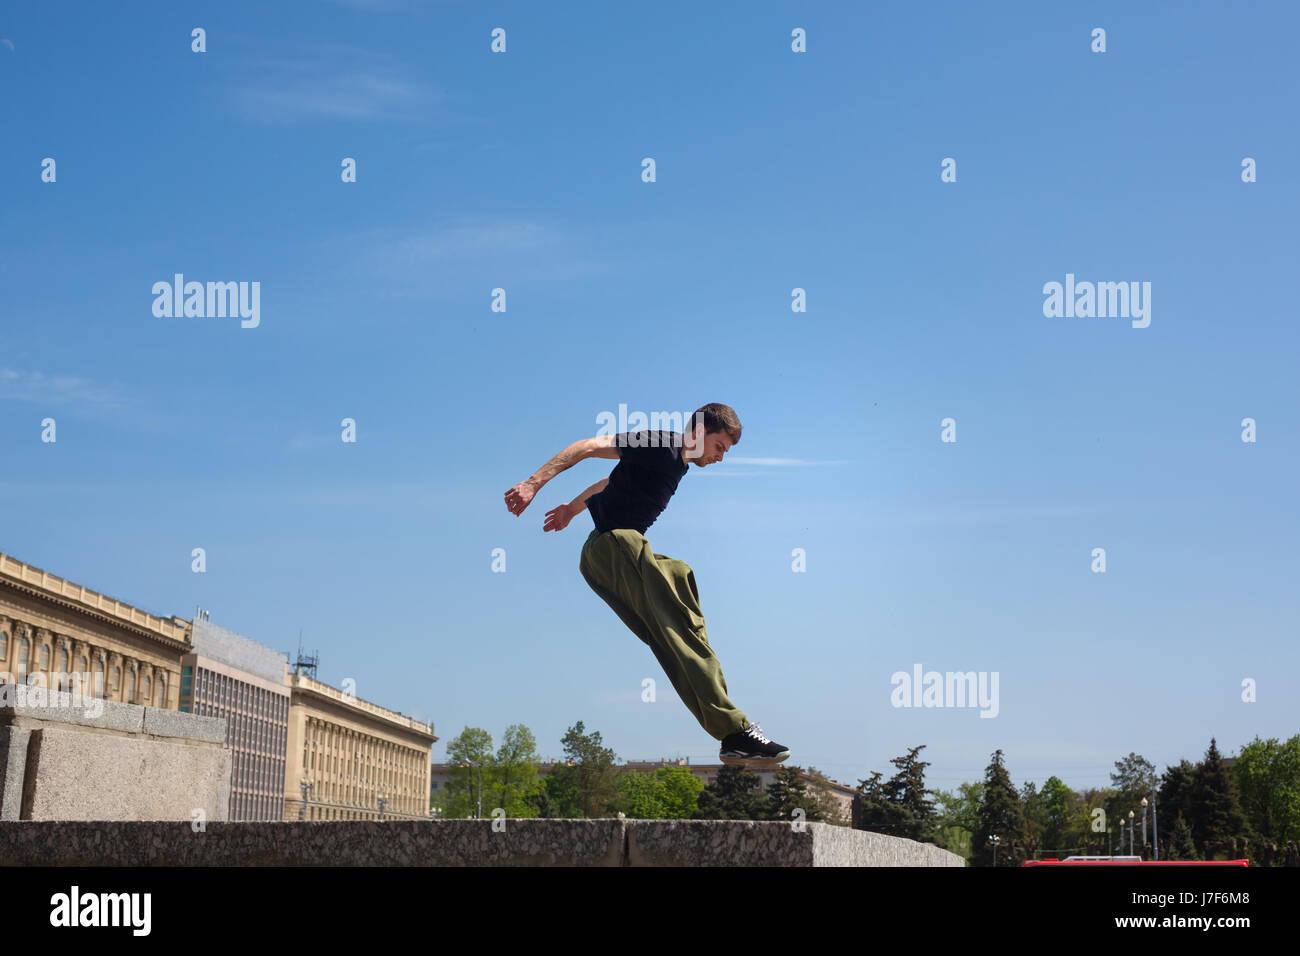 Junger Mann springt an die Wand. Parkour im urbanen Raum. Sport in der Stadt. Sportliche Aktivität. Stockbild